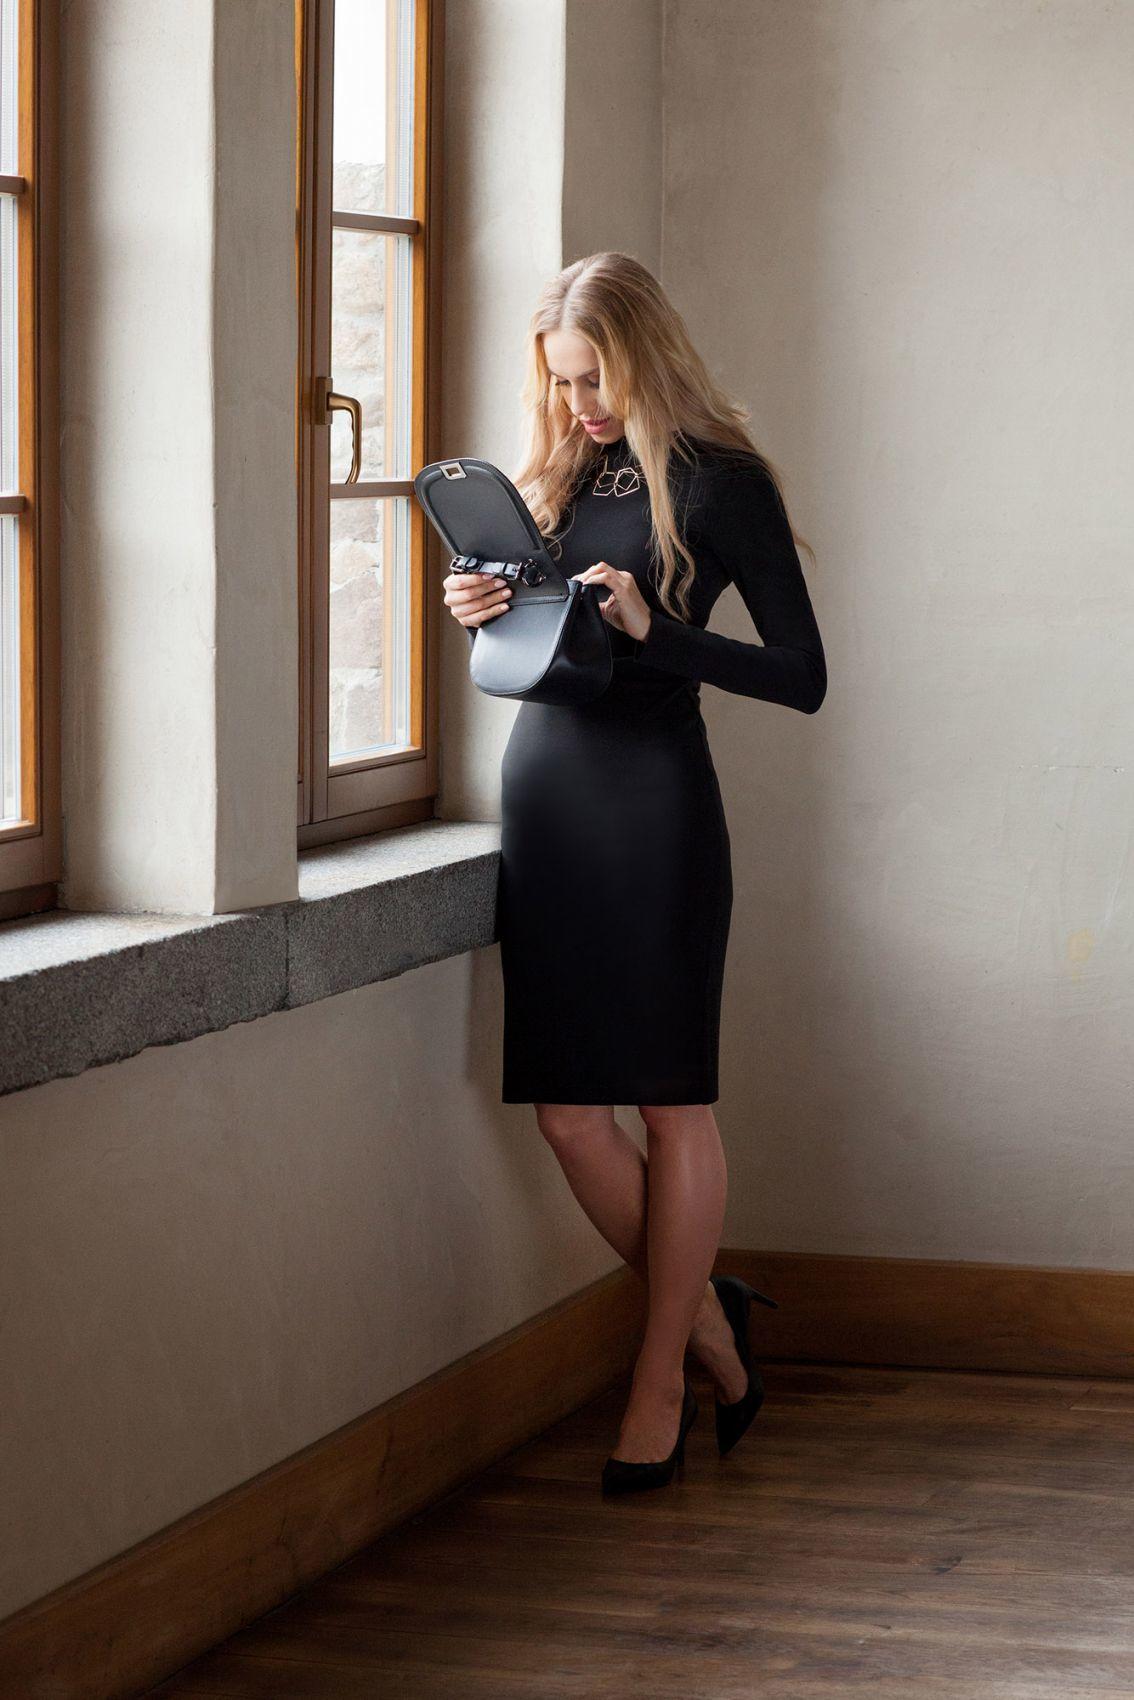 S033 Sukienka ołówkowa - mała czarna